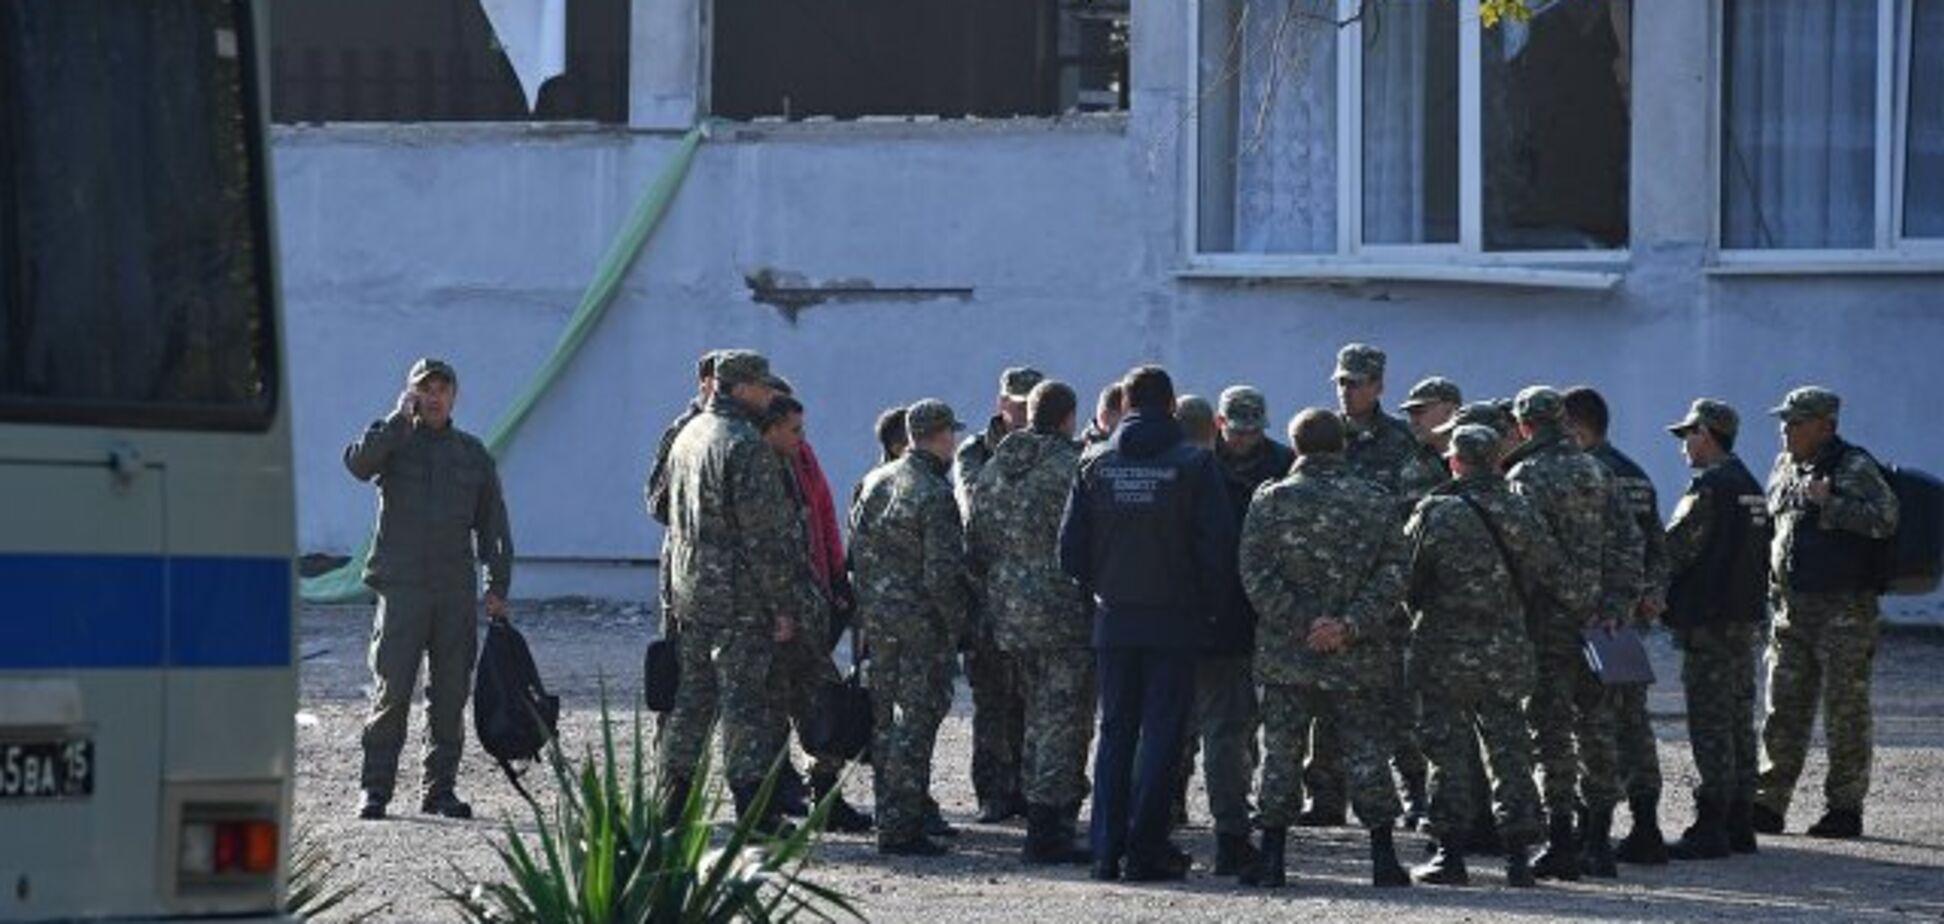 Теракт в Керчи: у Рослякова обнаружили важный вещдок